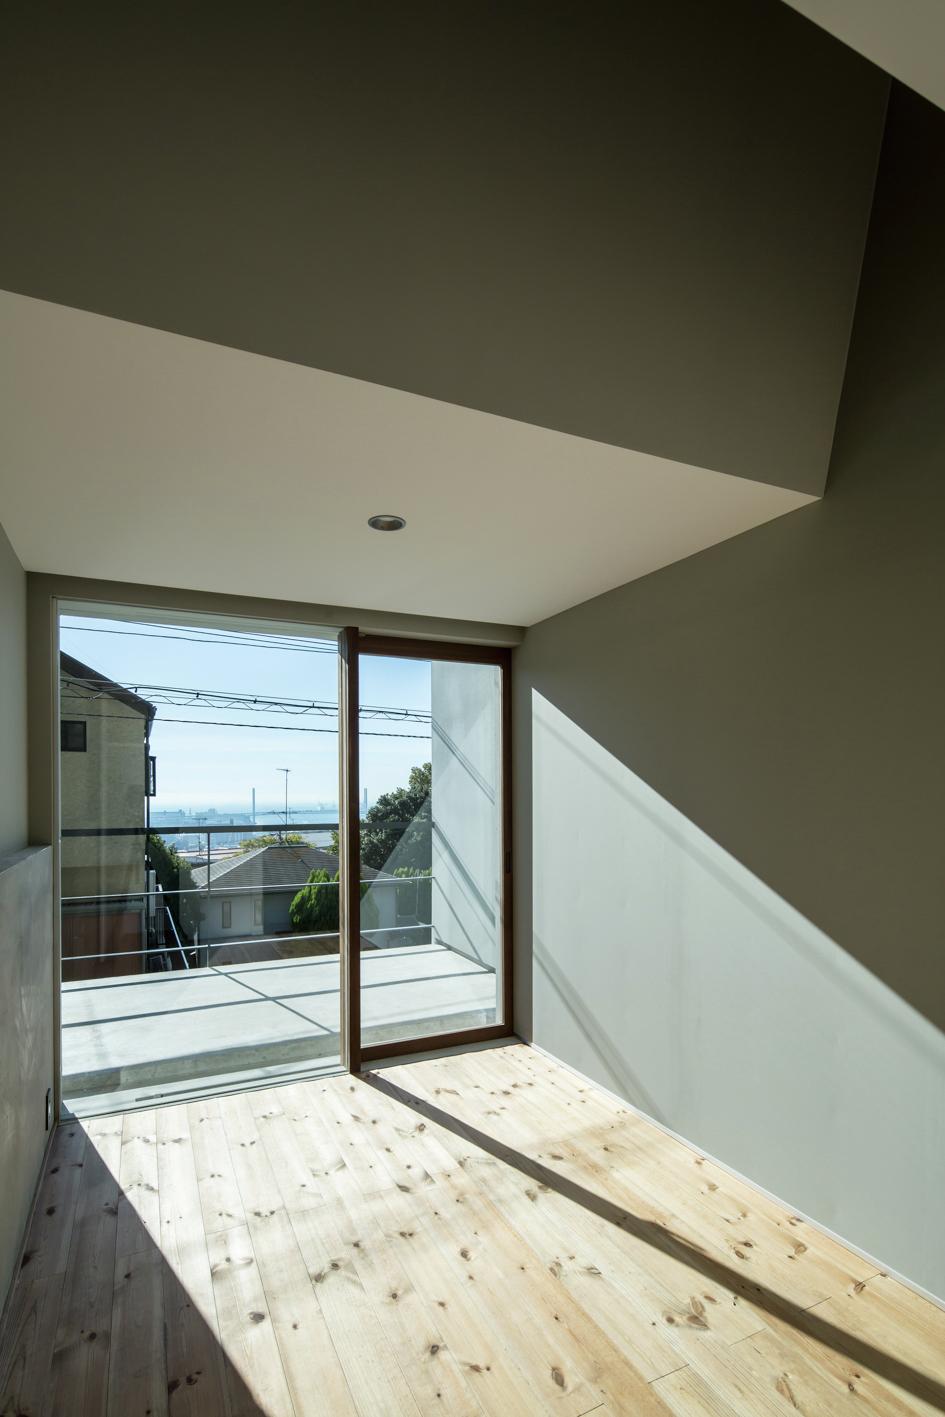 Galeria de casa deslizante y m design office 15 for Design office 4100